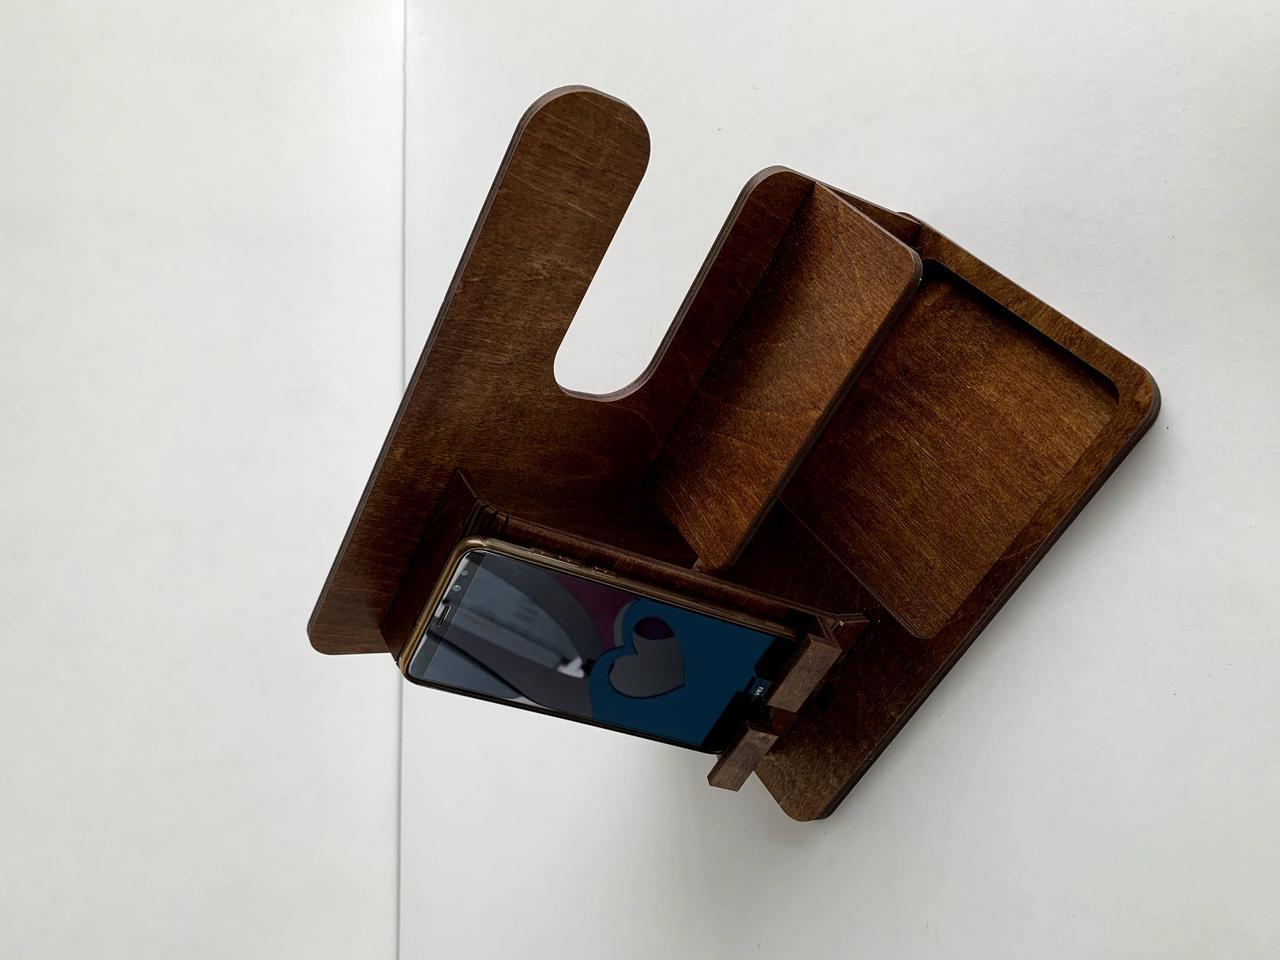 Настольный органайзер для аксессуаров и телефона - фото 3